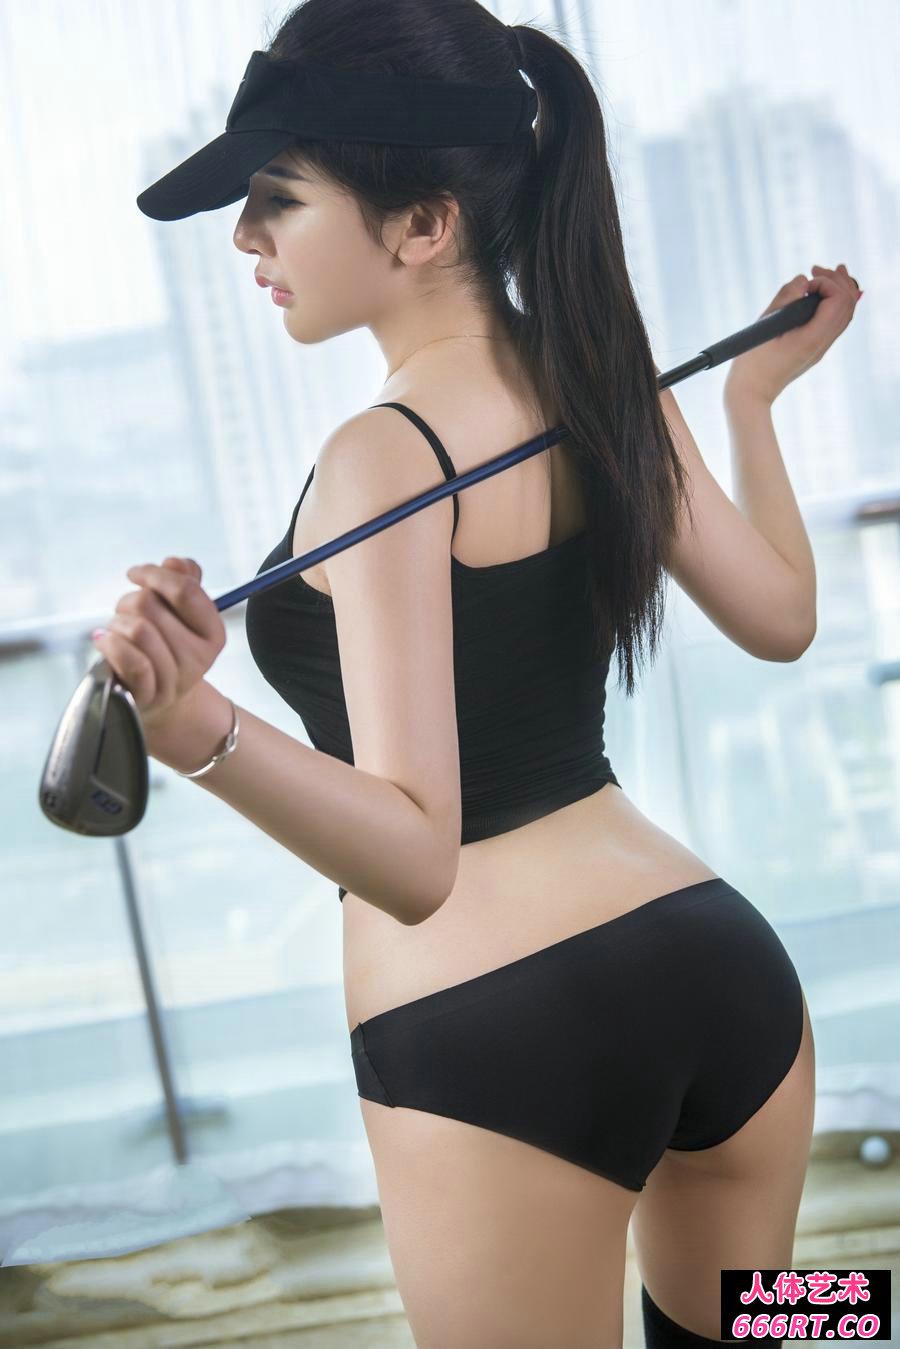 身材极好的嫩模李丽莎玩高尔夫球